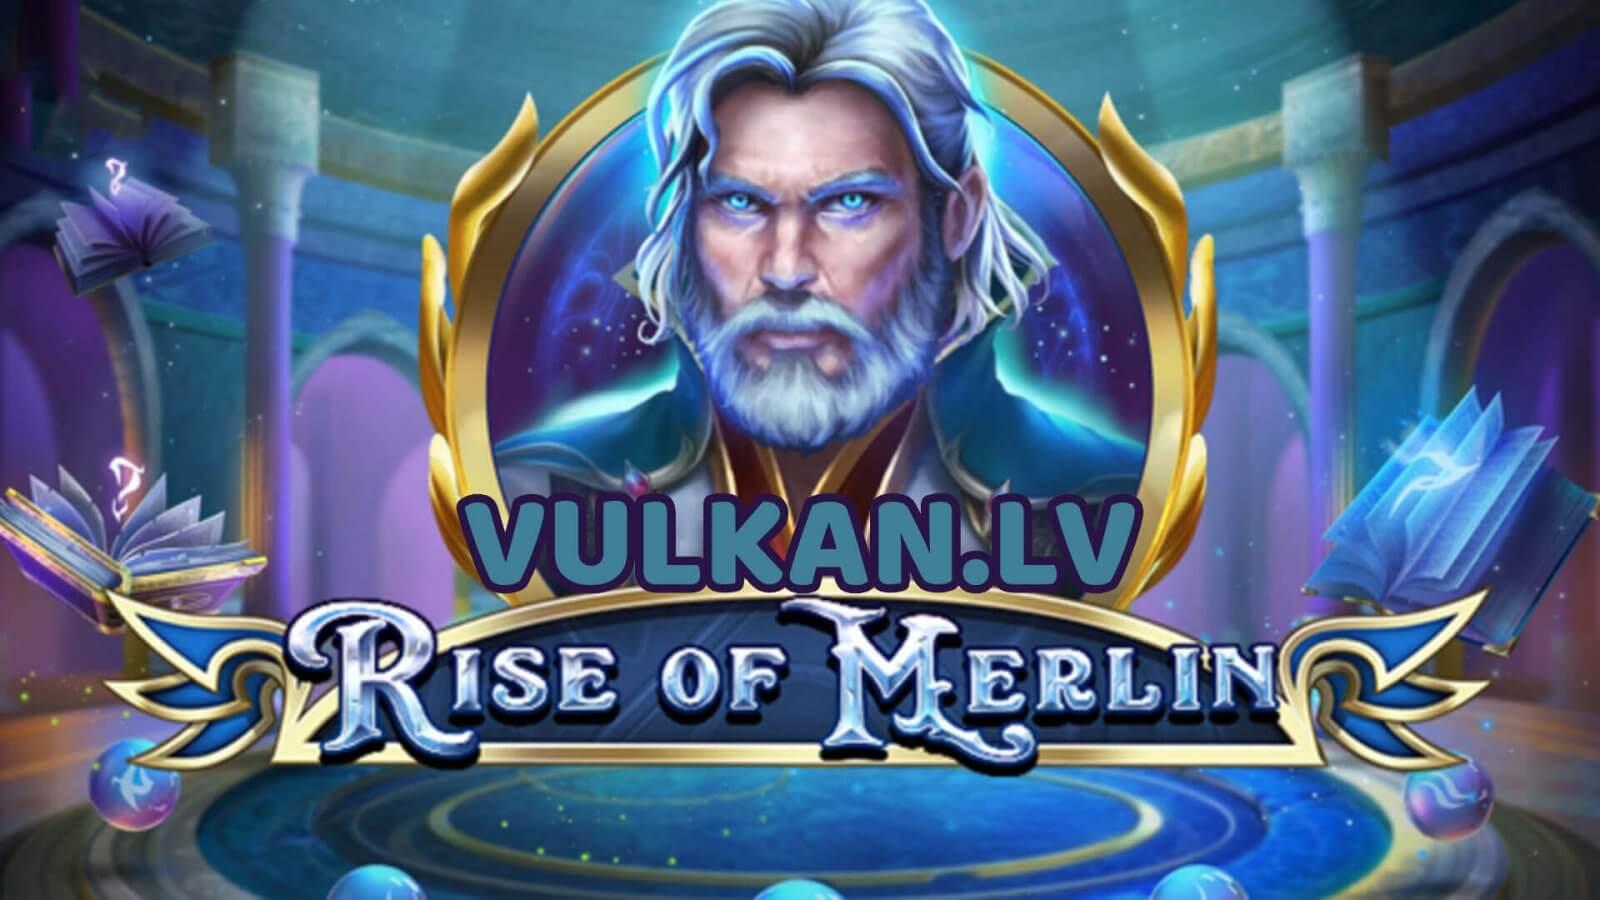 Rise of Merlin(Play'n GO)